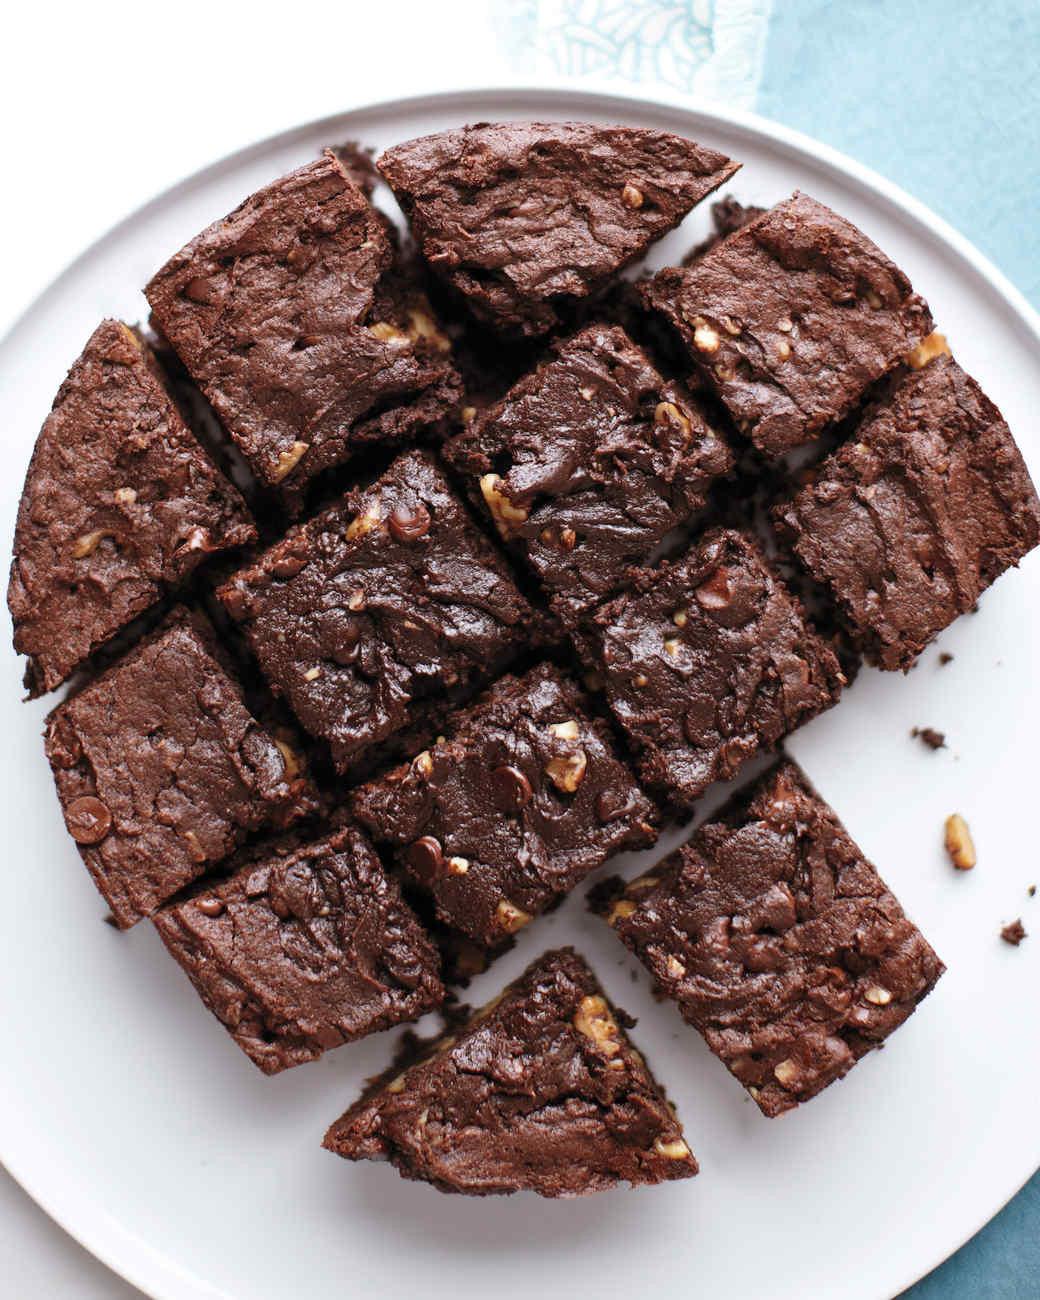 Slow Cooker Brownies  Slow Cooker Triple Chocolate Brownies Recipe & Video